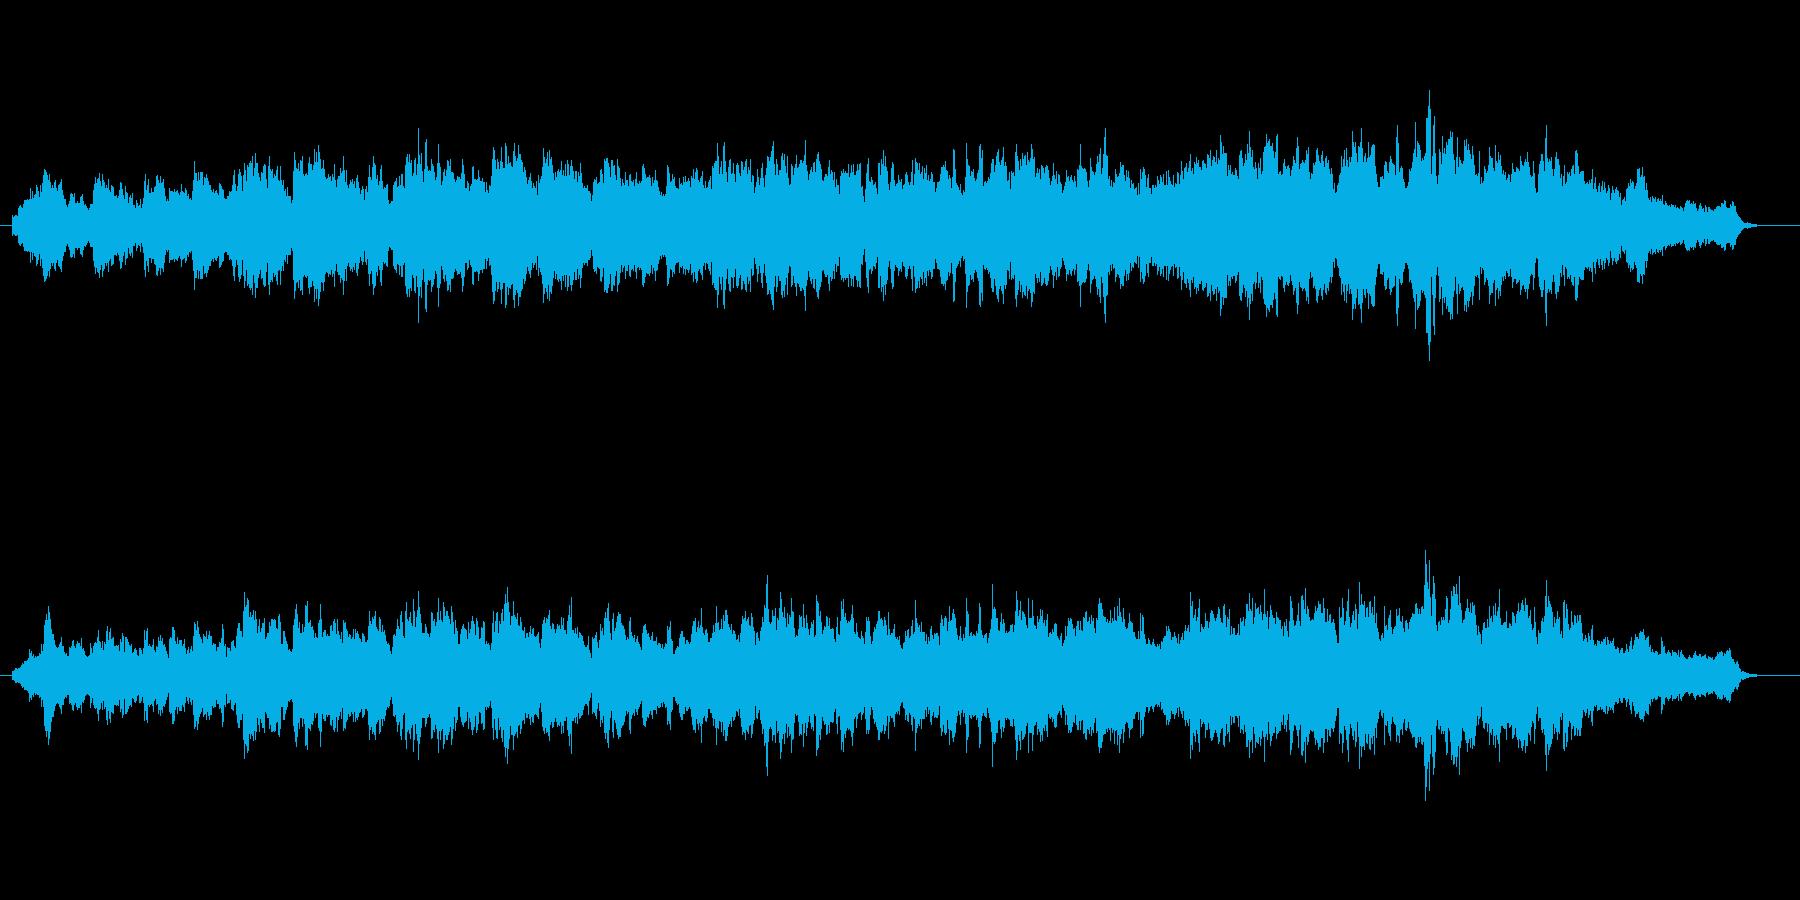 ほのぼのした暖かい雰囲気のBGMの再生済みの波形